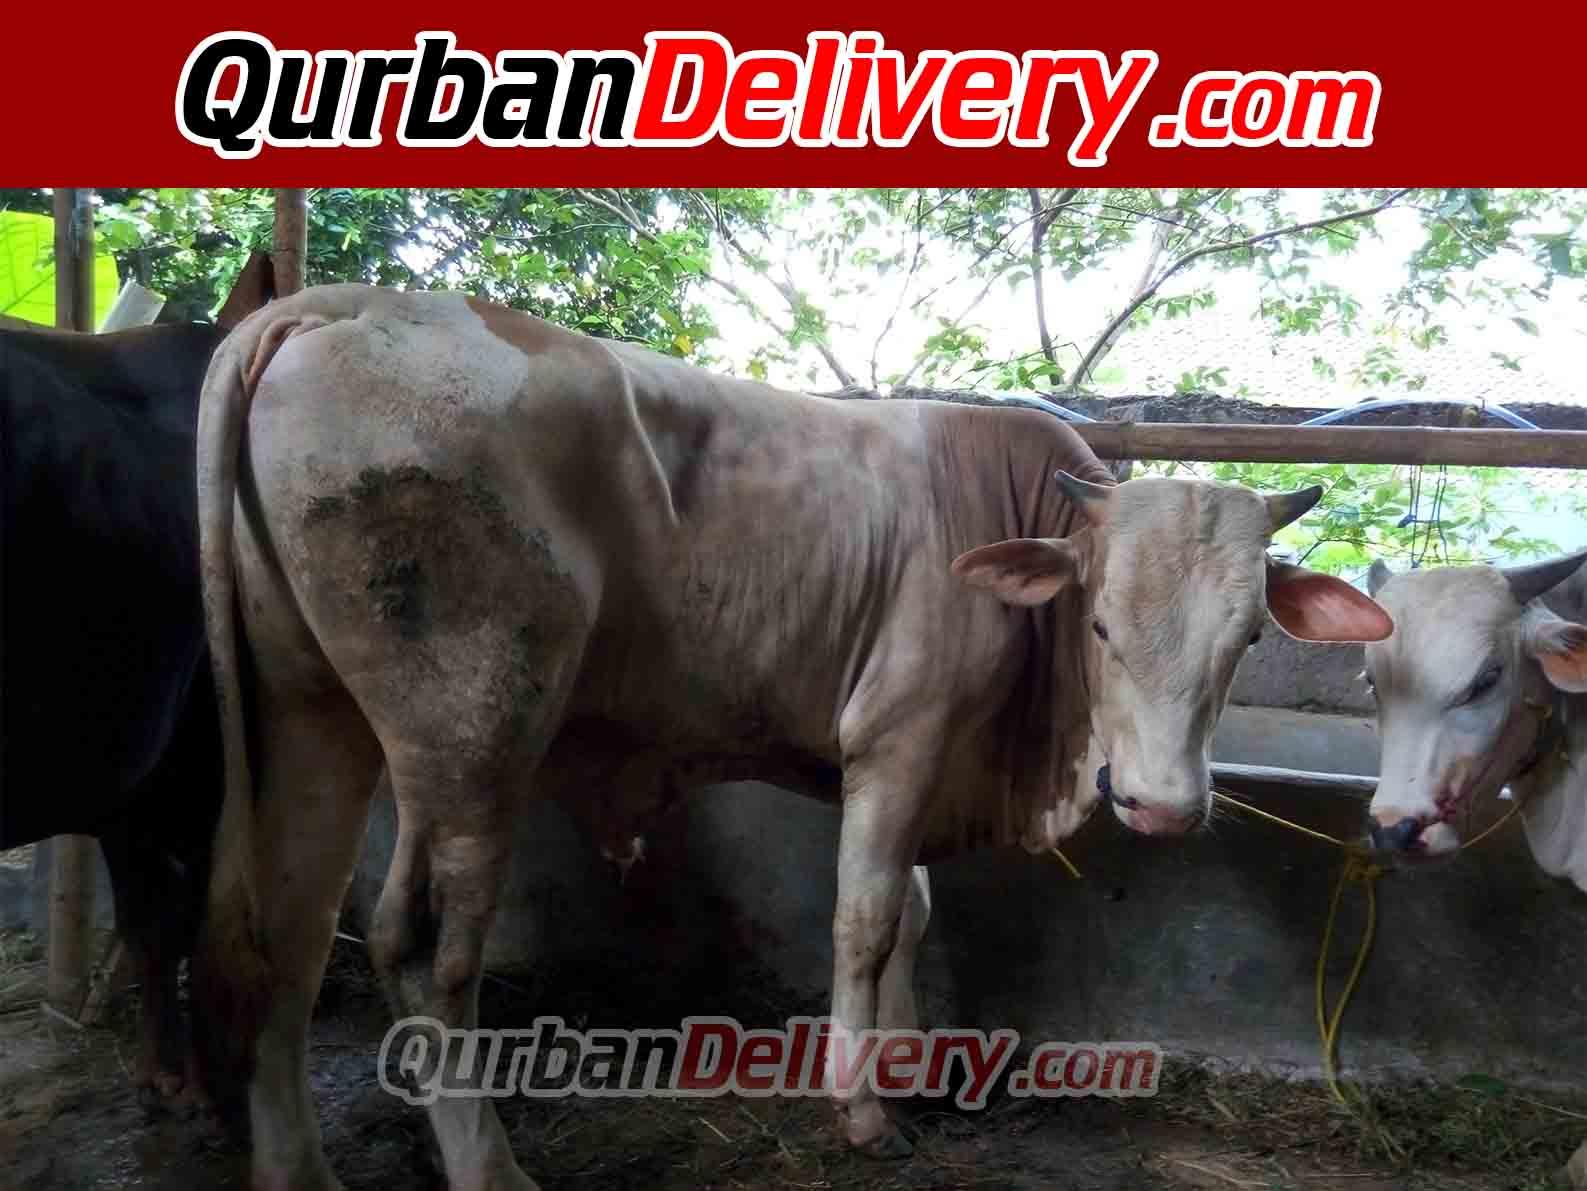 Harga Domba Qurban Saat Ini Prediksi 2020-Qurban Delivery